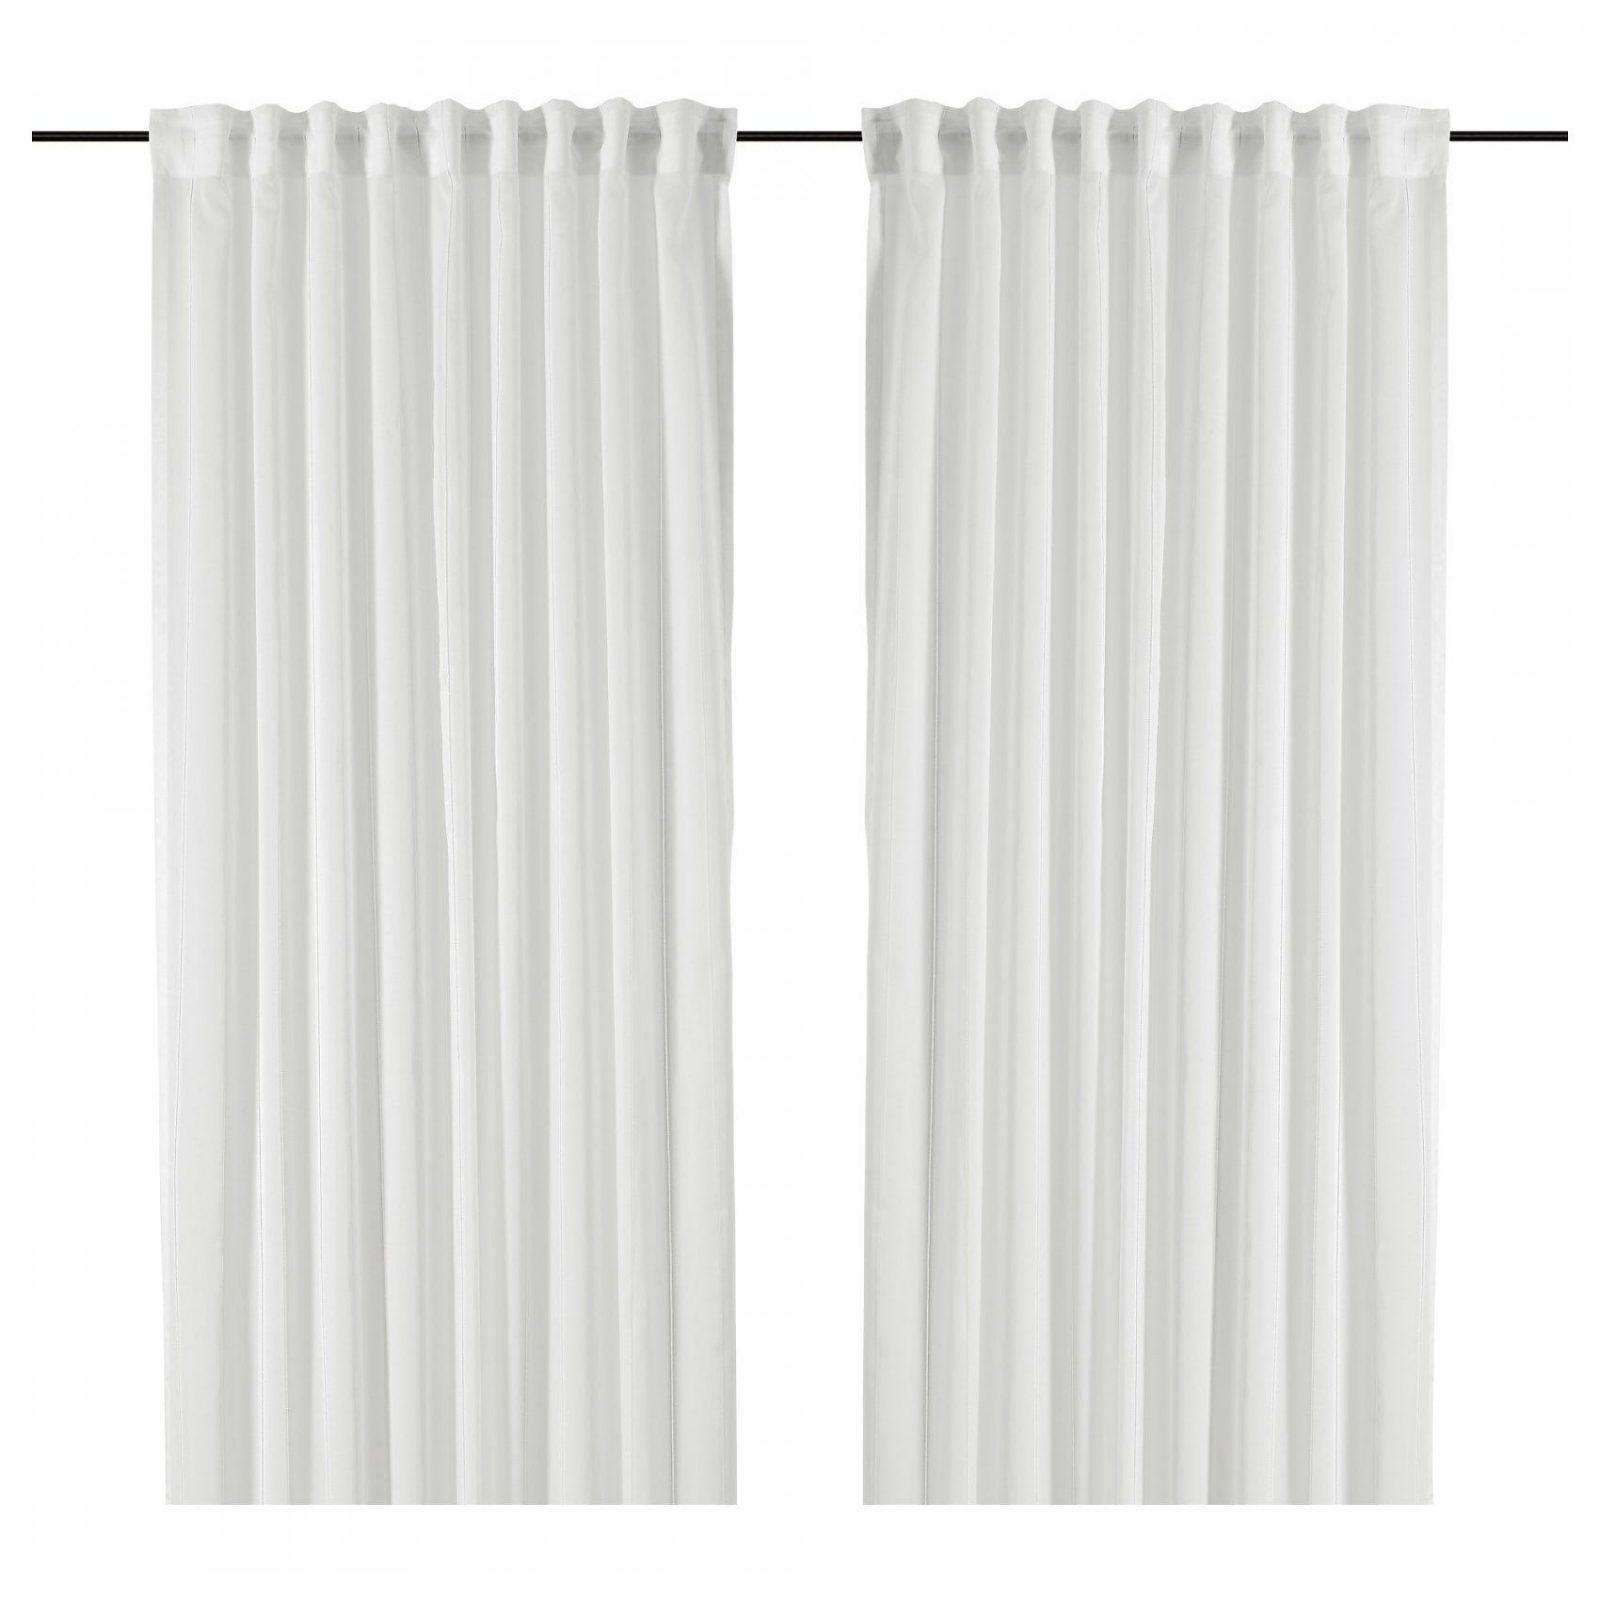 Vorhang Weiß Blickdicht Ikea – Zuhause Image Idee von Ikea Weiße Gardinen Bild